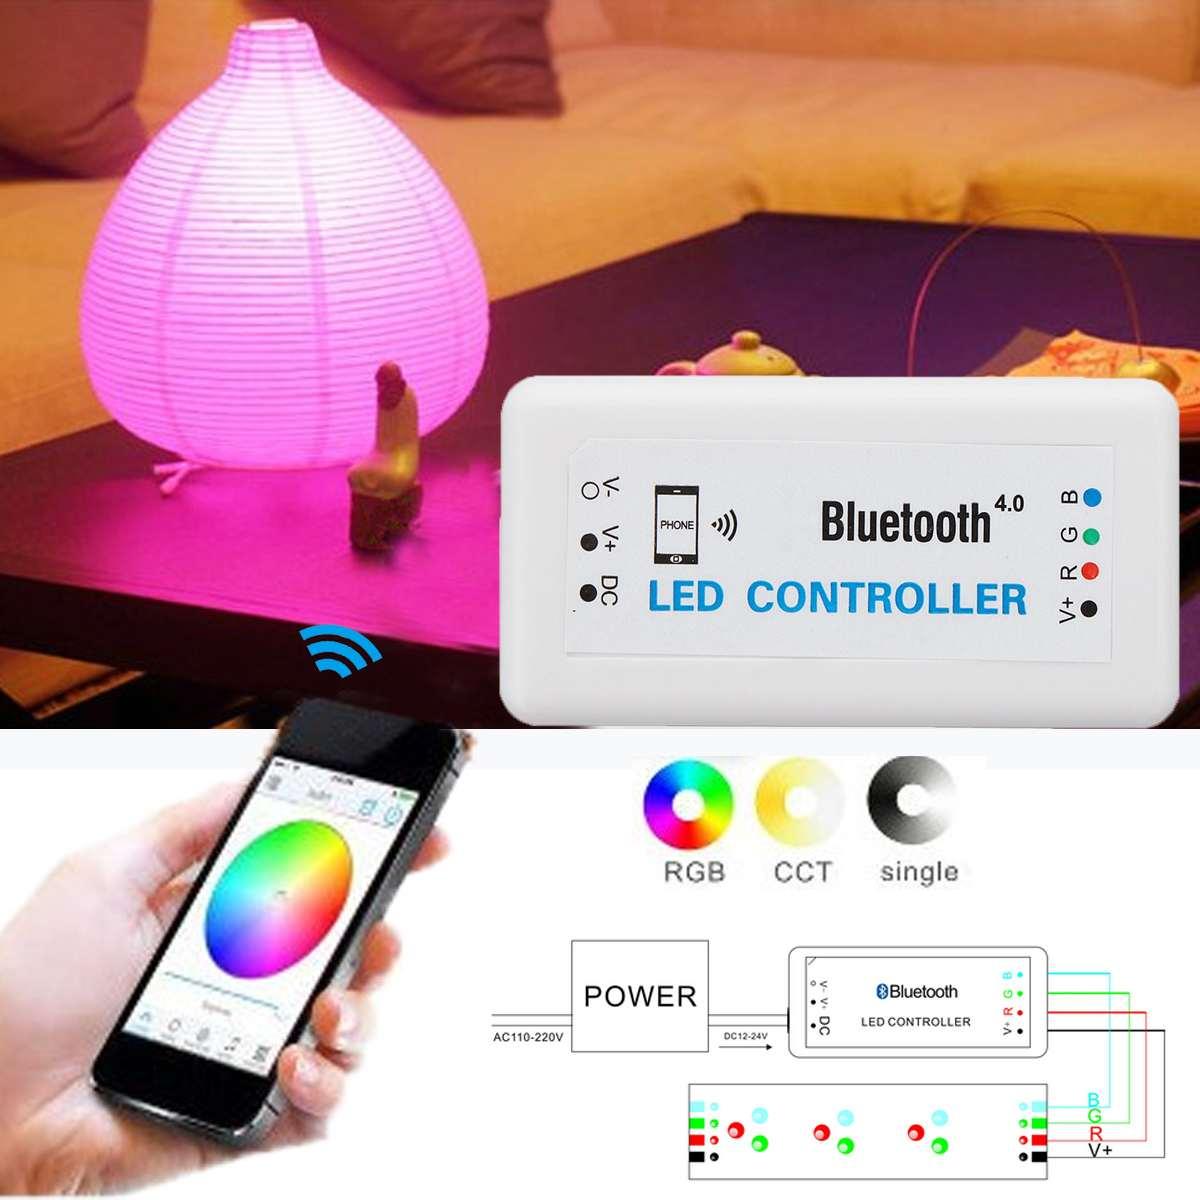 Contrôleur rvb bluetooth contrôleur RGB LED à changement de couleur télécommande pour téléphone portable iOS Android